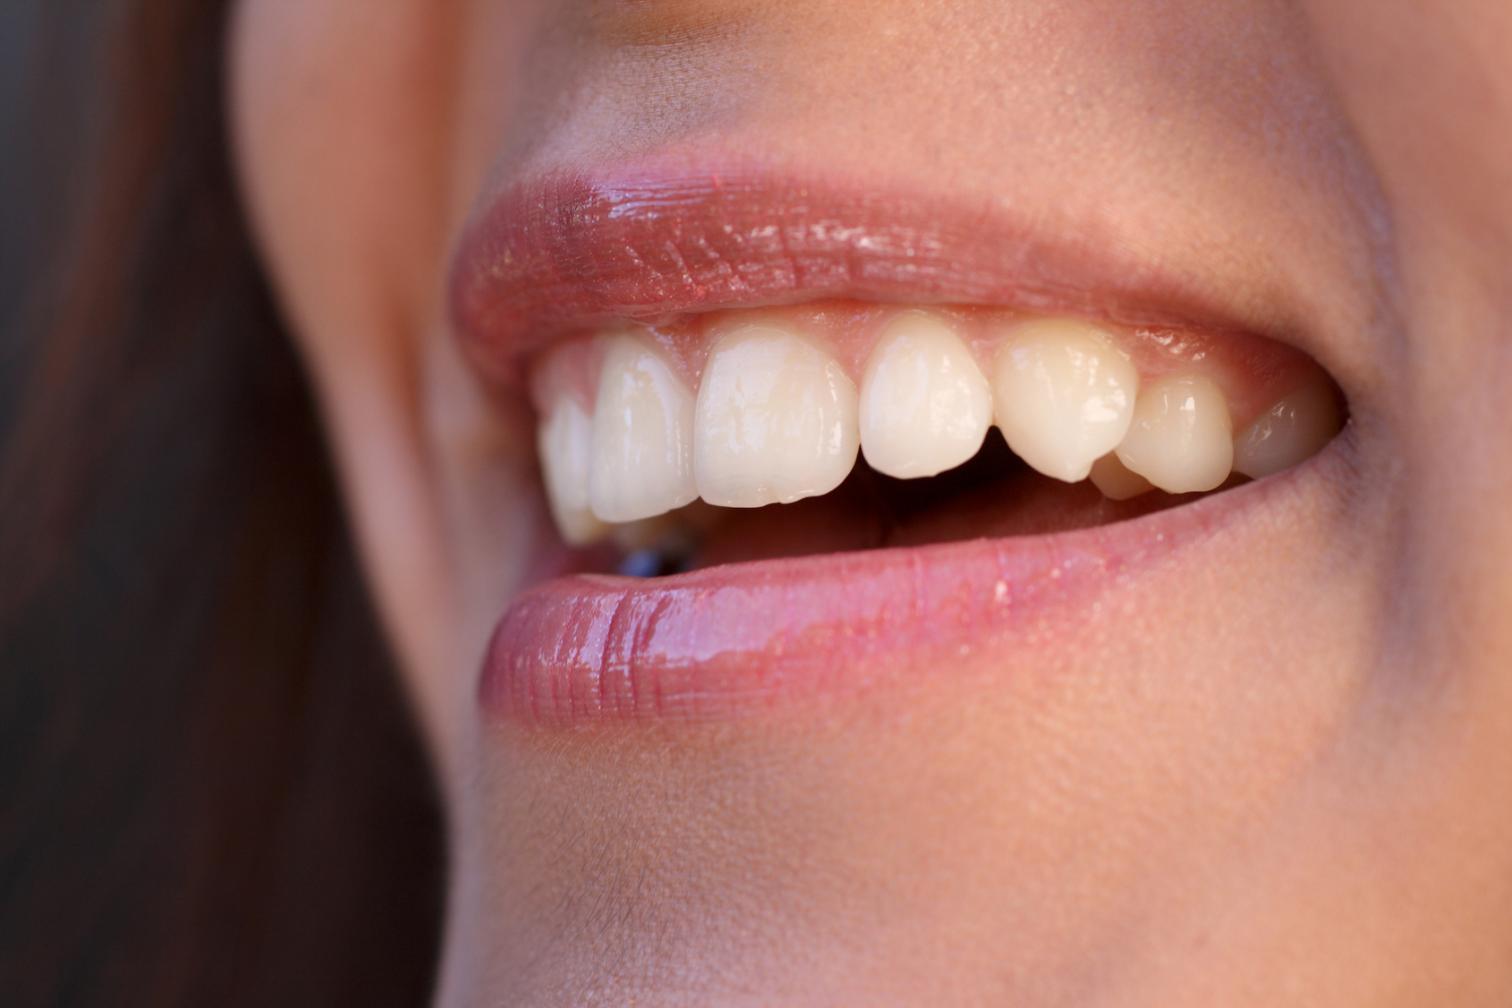 Lachen, fröhlich, Mund und Zähne